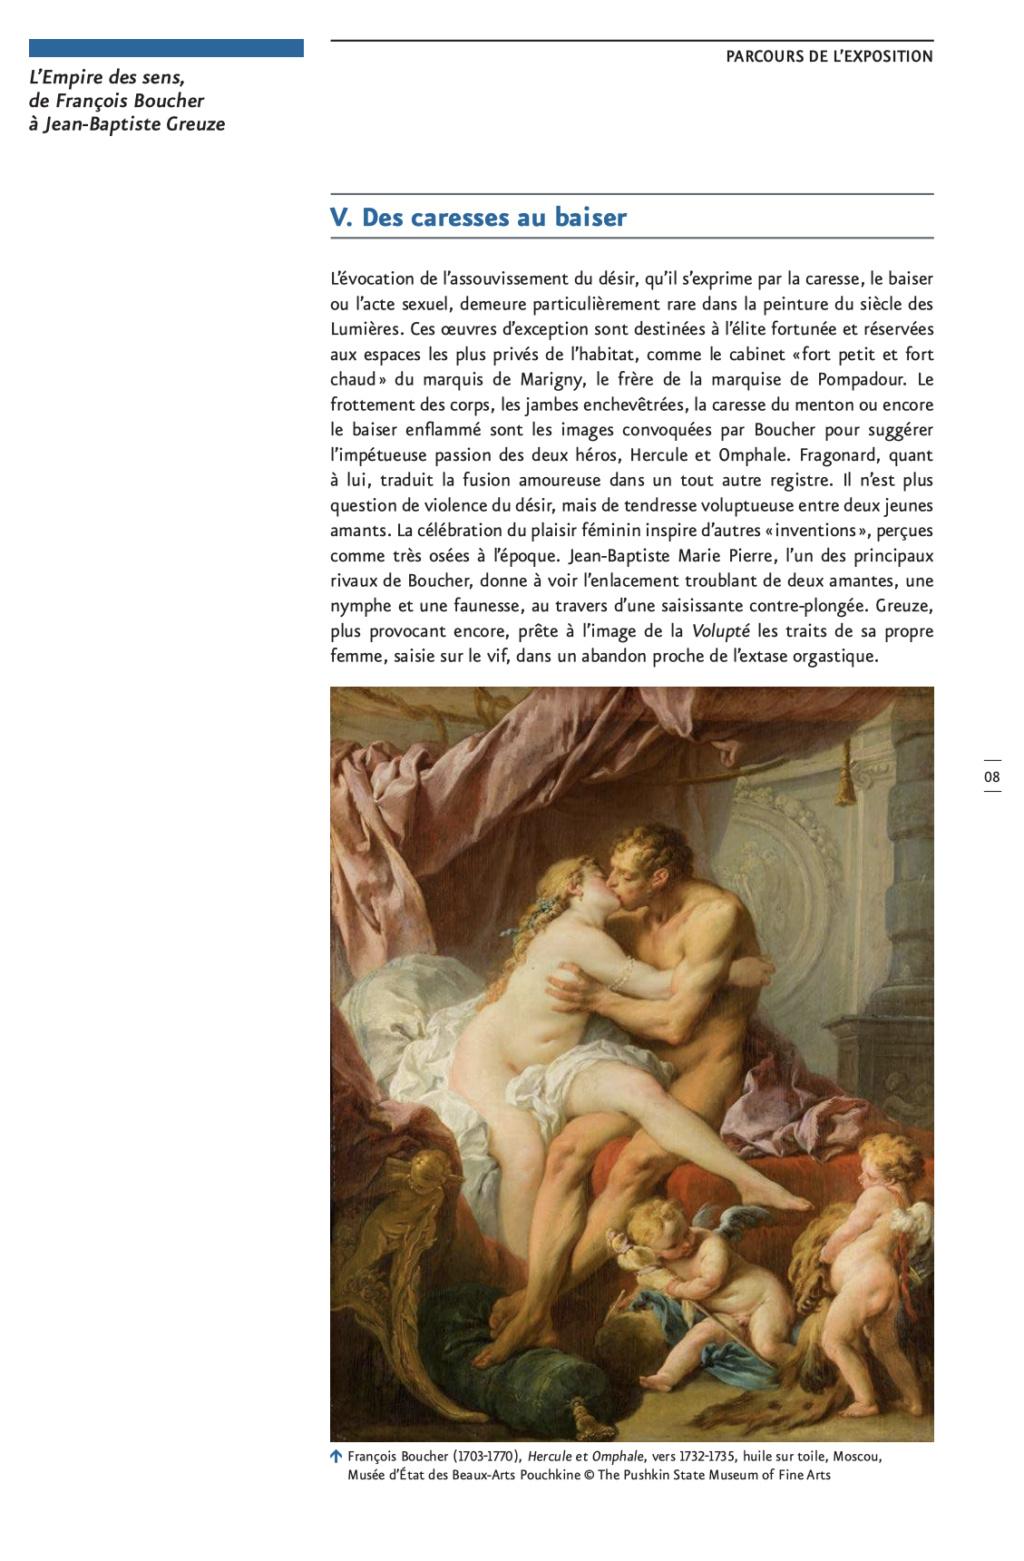 Exposition : L'Empire des sens, de François Boucher à Jean-Baptiste Greuze, au musée Cognacq-Jay Capt2869